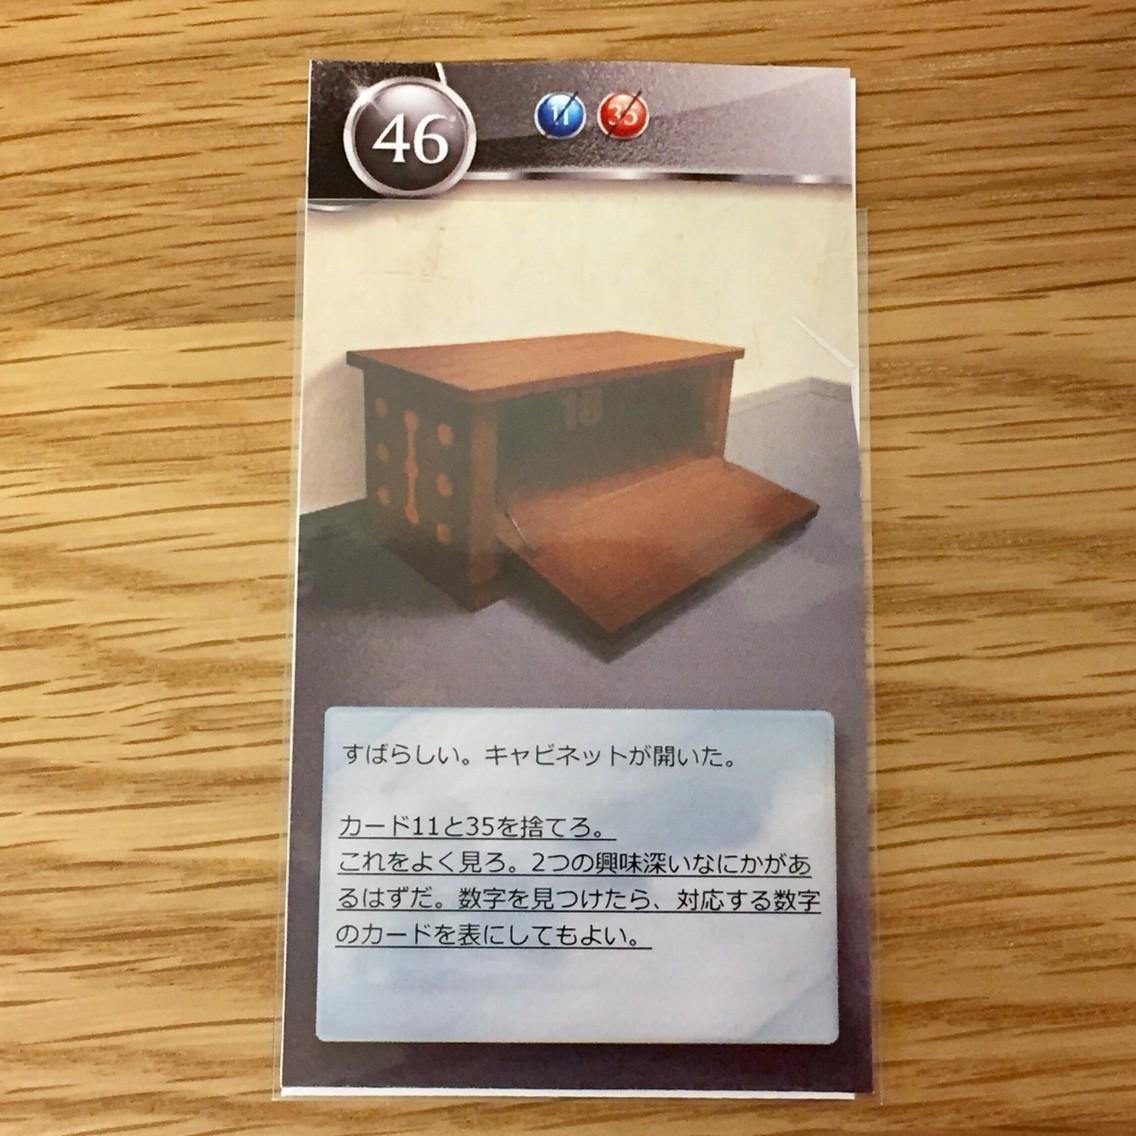 アンロック!(Unlock!):46のカード